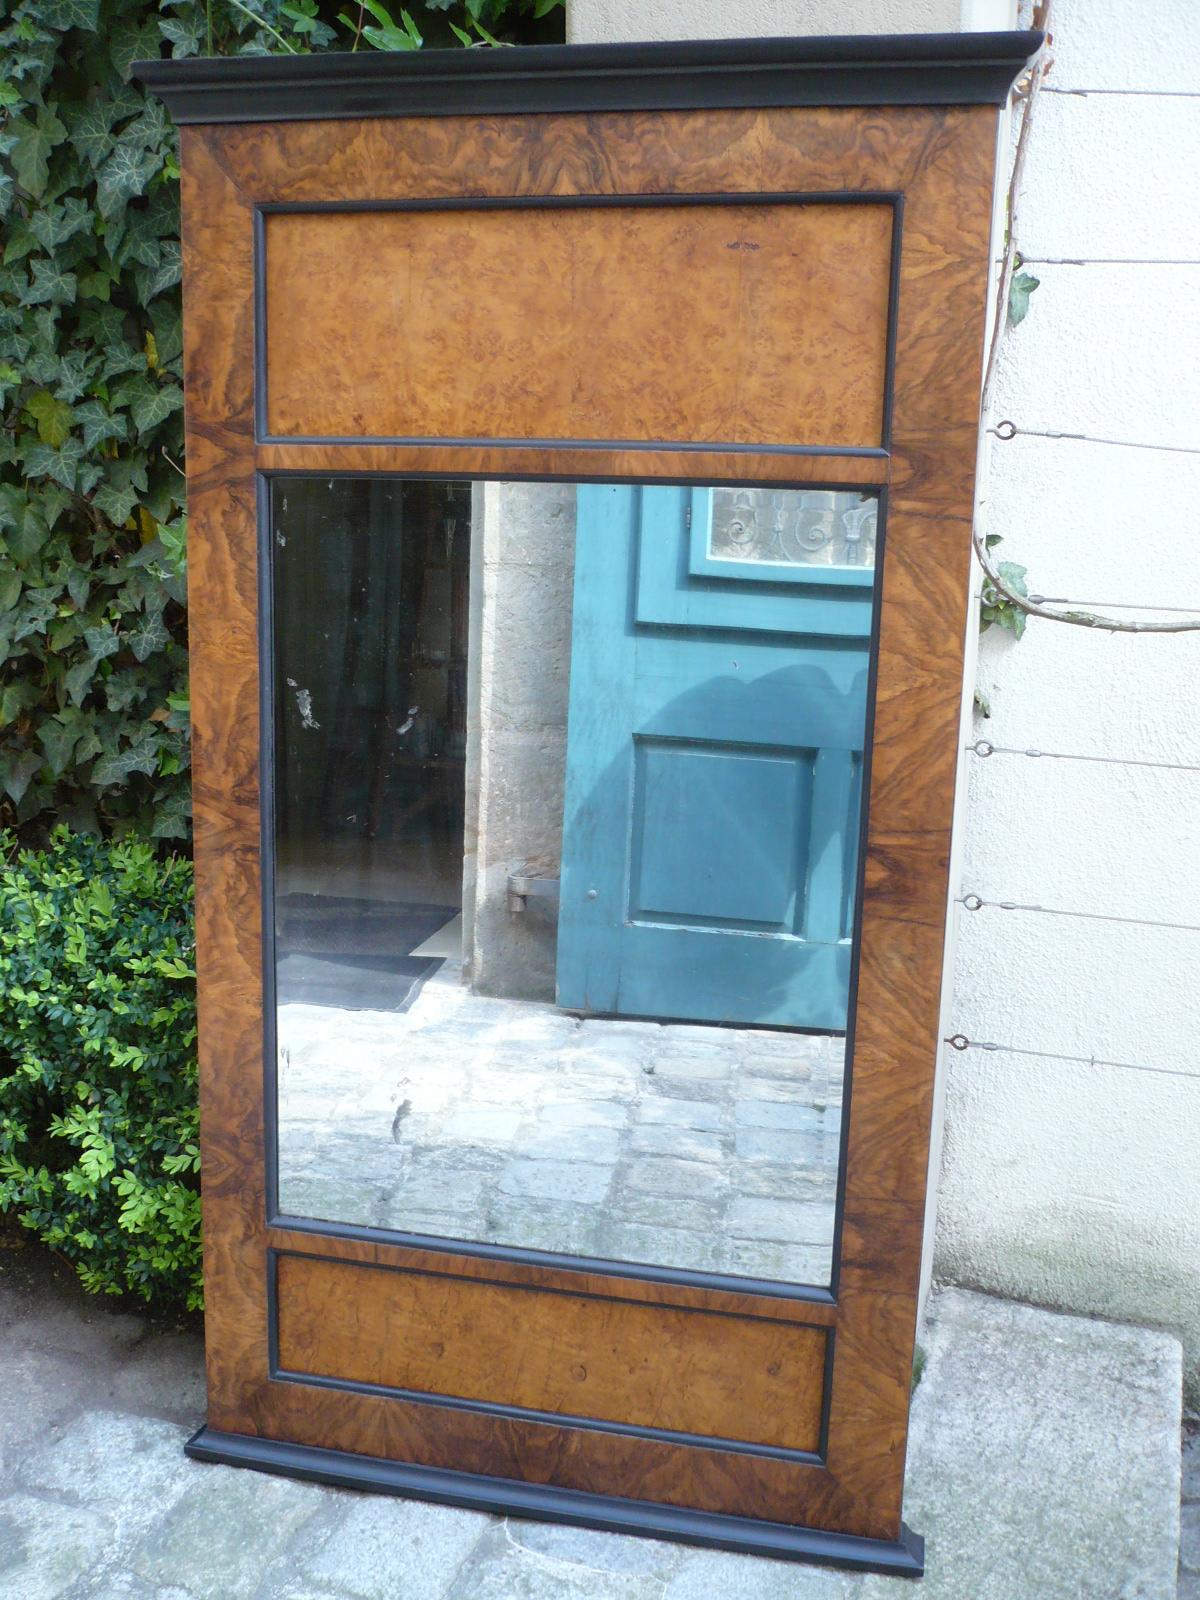 Biedermeier Spiegel biedermeier spiegel nussbaum - kunsthandel schlötzer